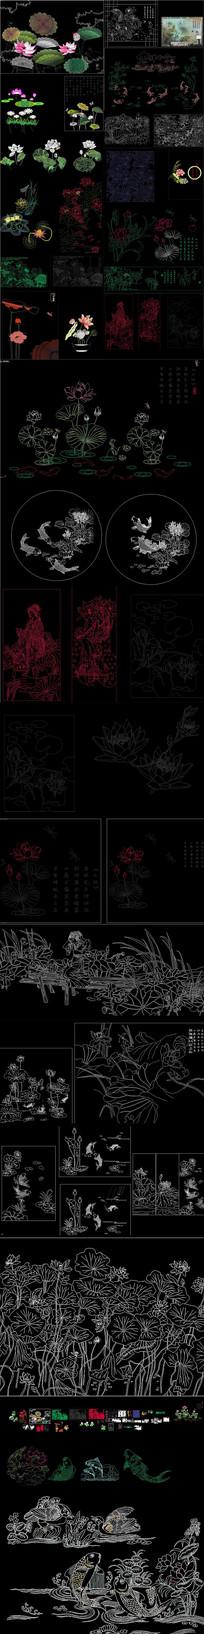 新中式荷花雕刻图案CAD图库